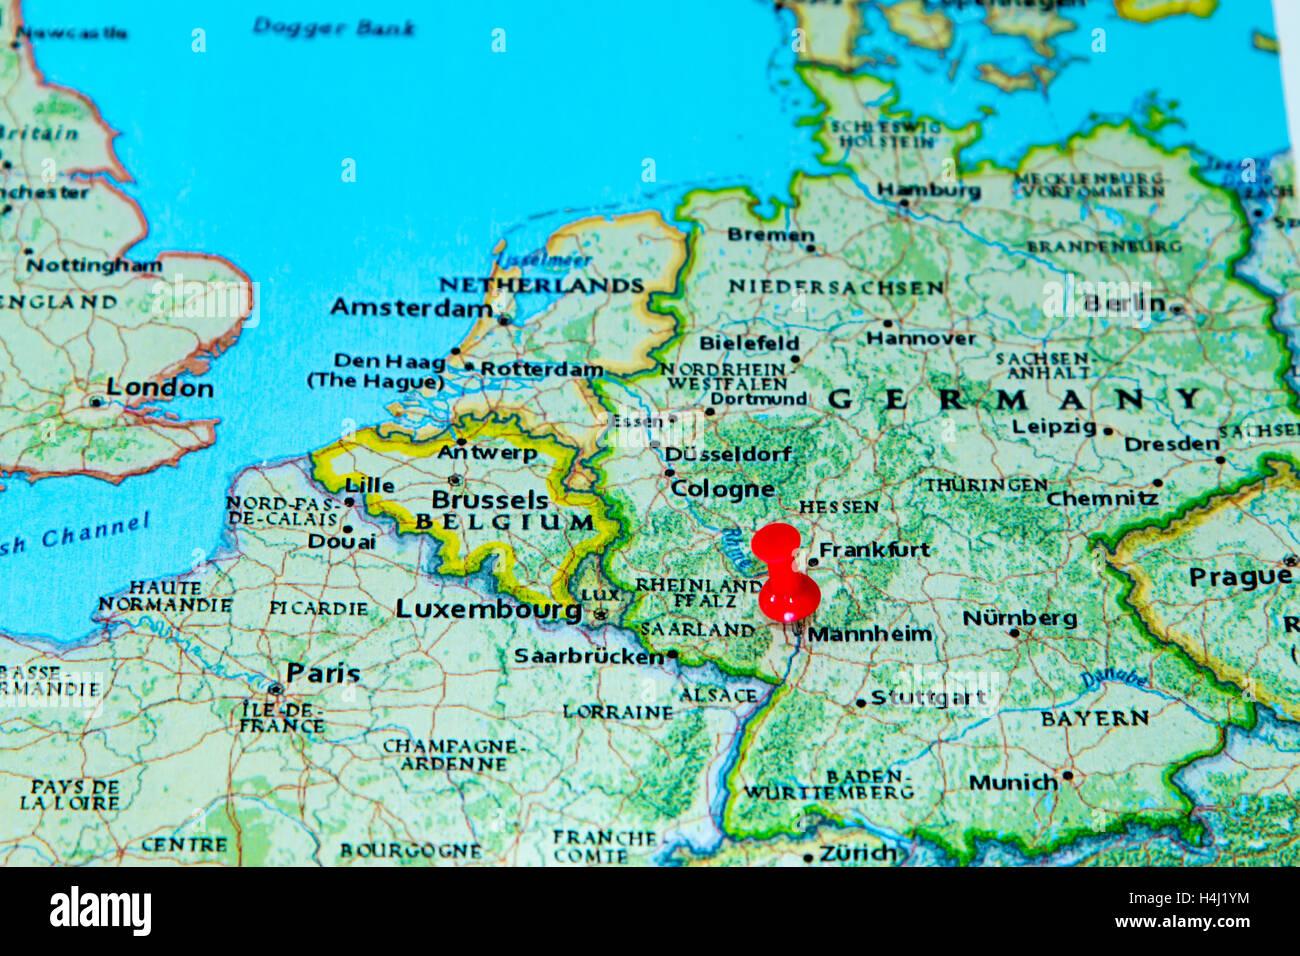 Mannheim Bundesland Karte.Mannheim Stockfotos Mannheim Bilder Alamy